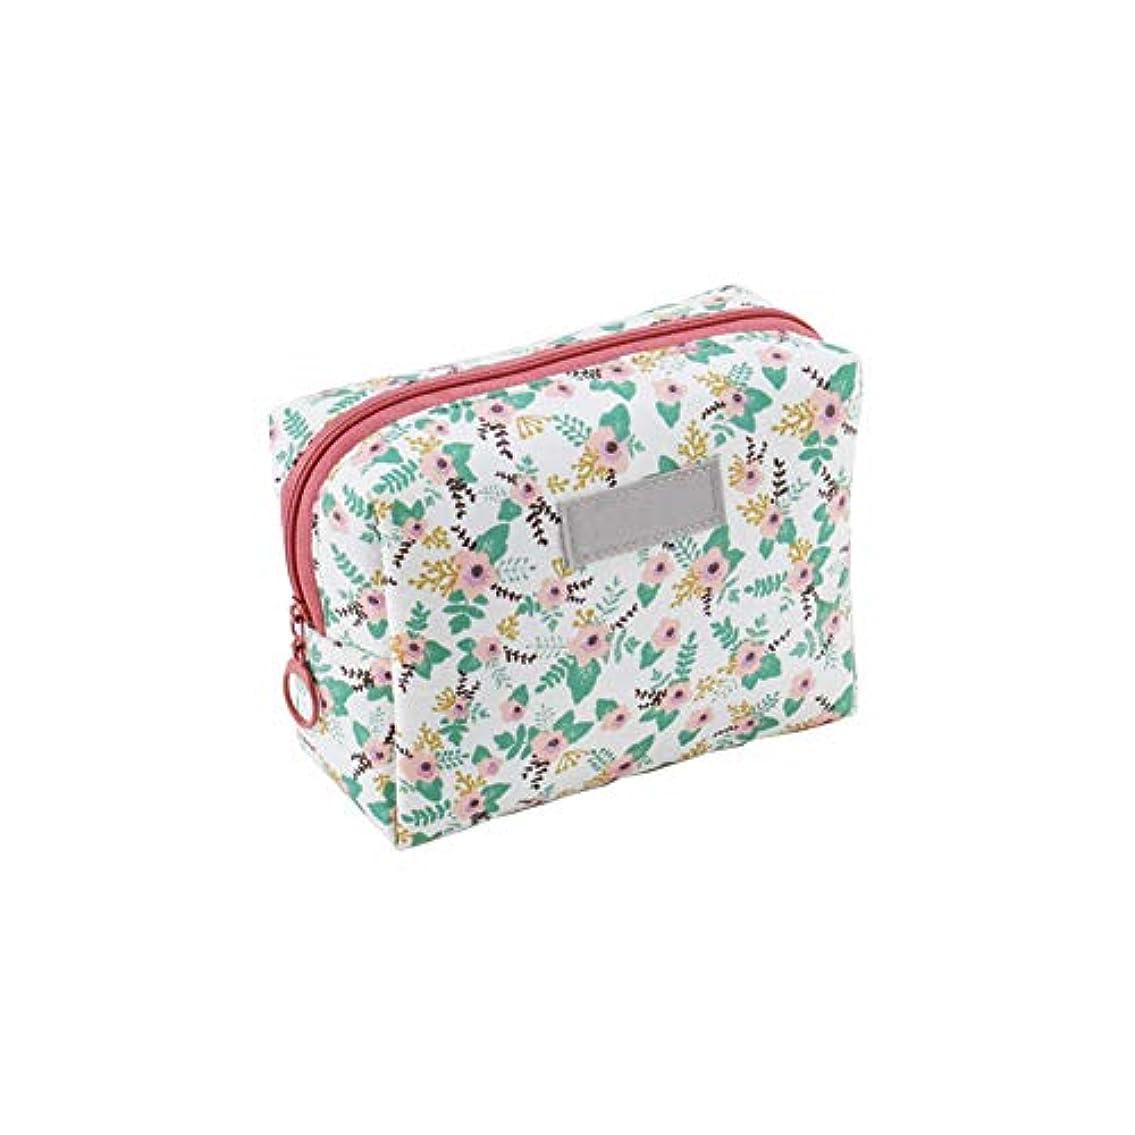 信頼できるおなかがすいた芽ポータブル手洗いバッグウォッシュバッグ旅行化粧品袋化粧バッグオーガナイザーさん男性(白、ピンクの花)